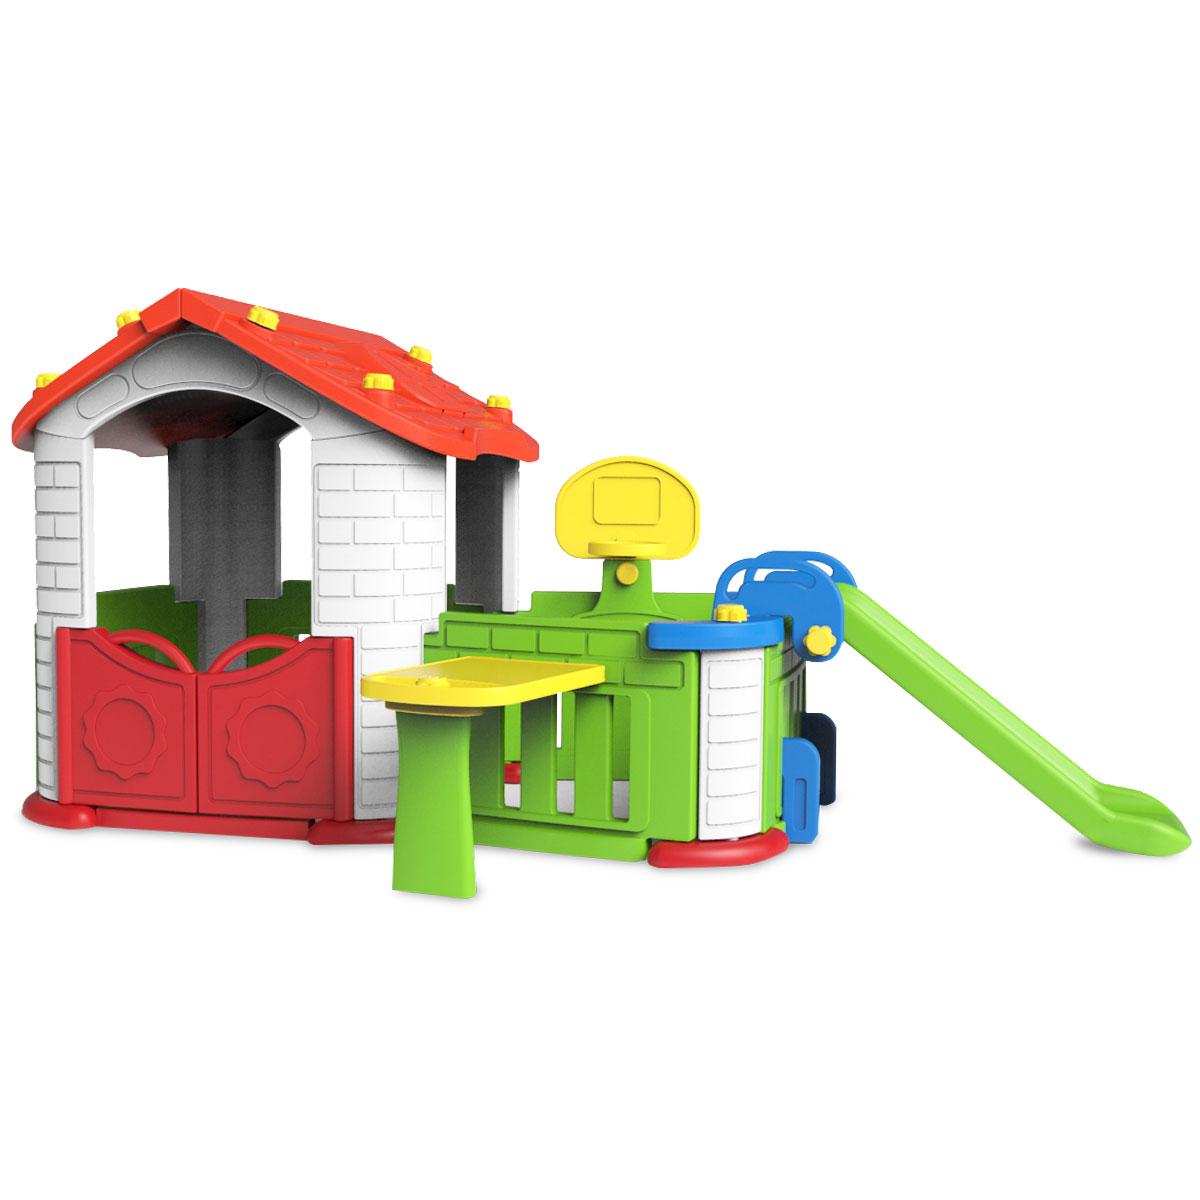 Play Equipment - Backyard World